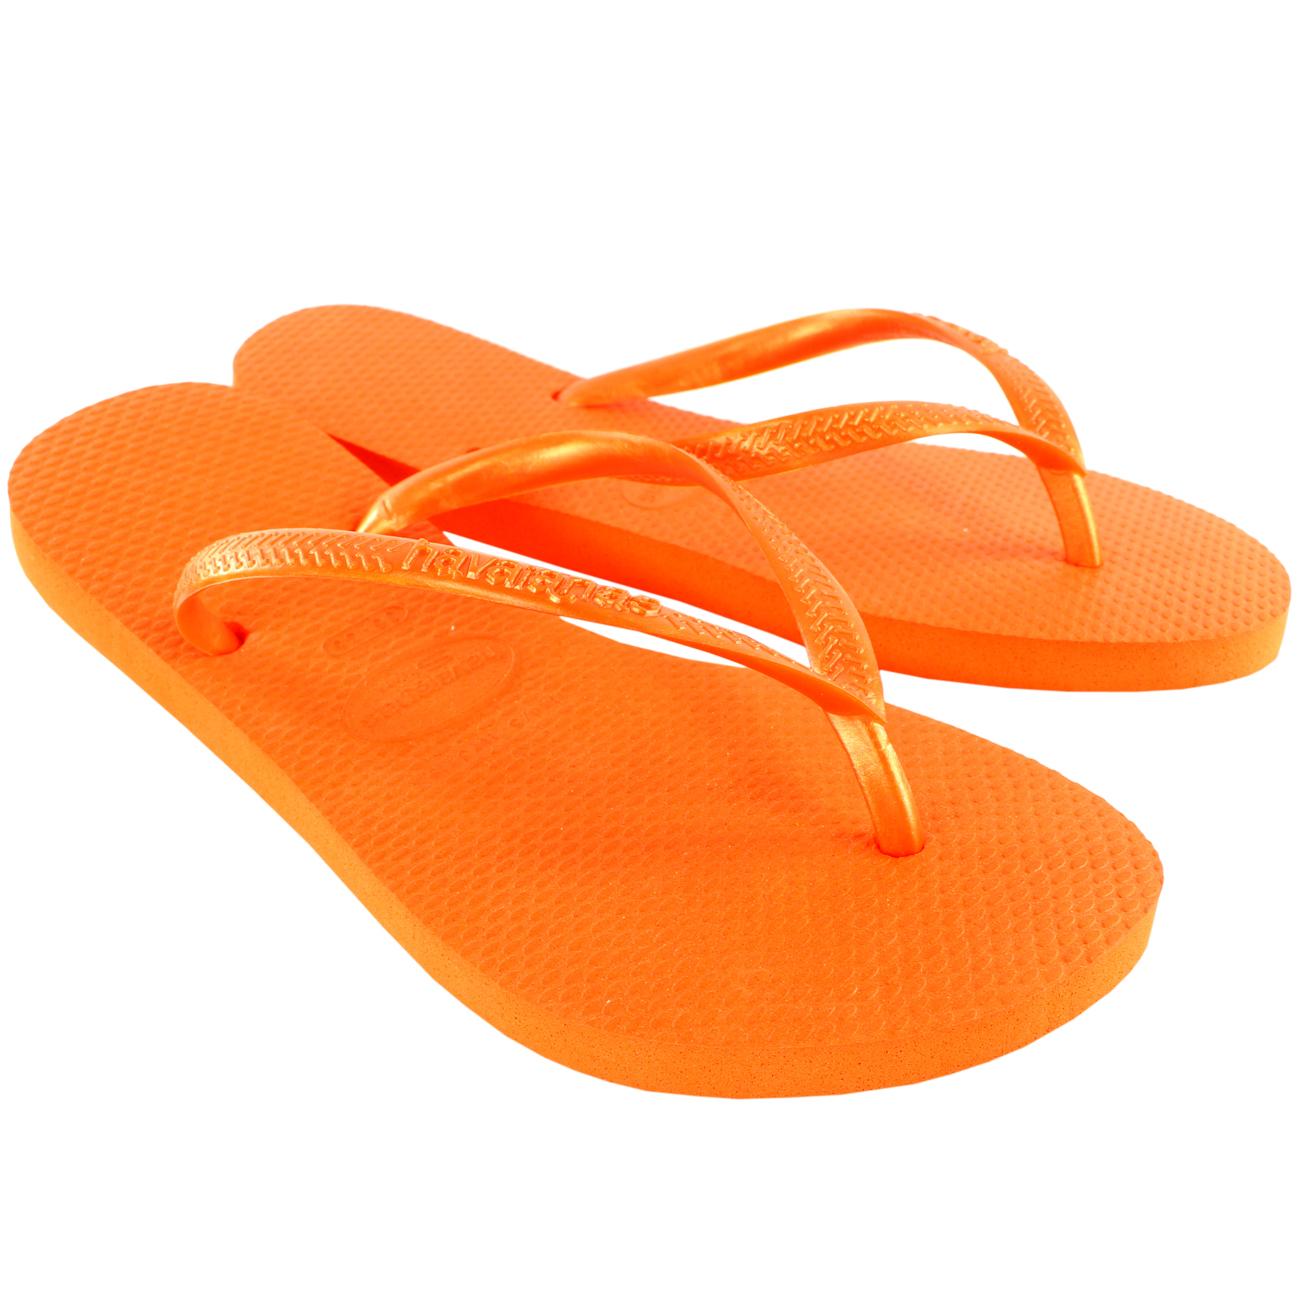 Havaians Slim Flip Flops